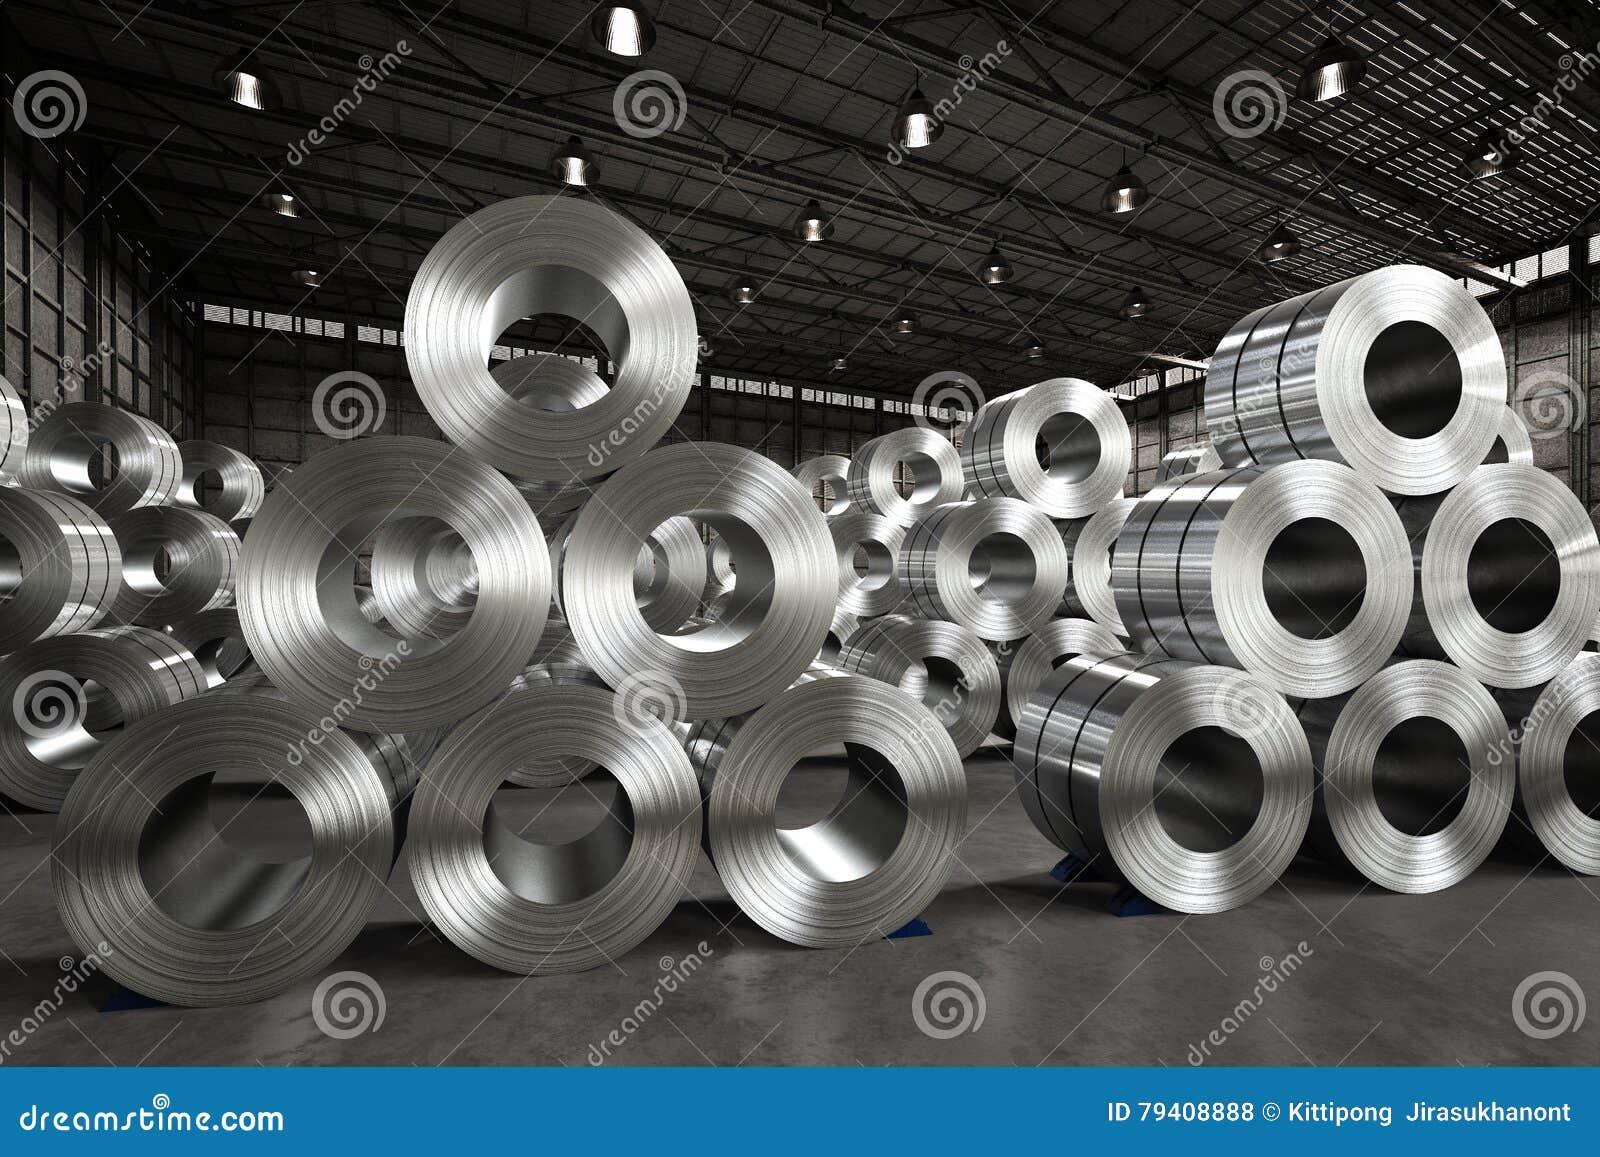 Rouleau de tôle d acier dans l usine